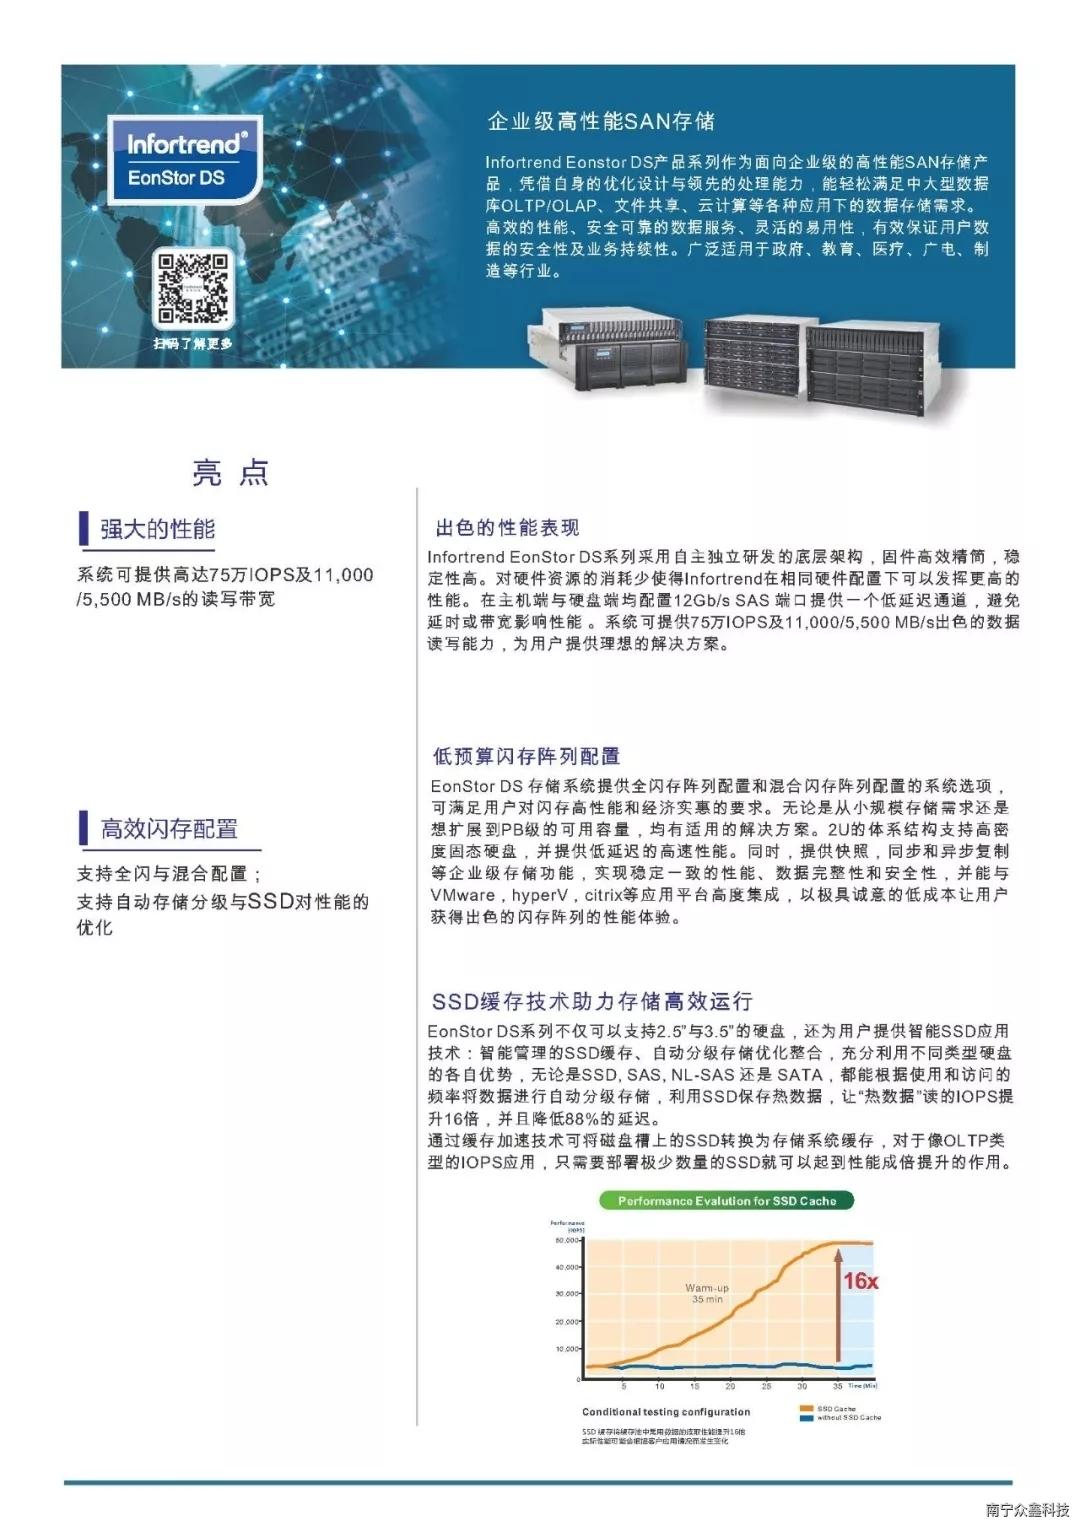 Infortrend普安存儲EonStor DS